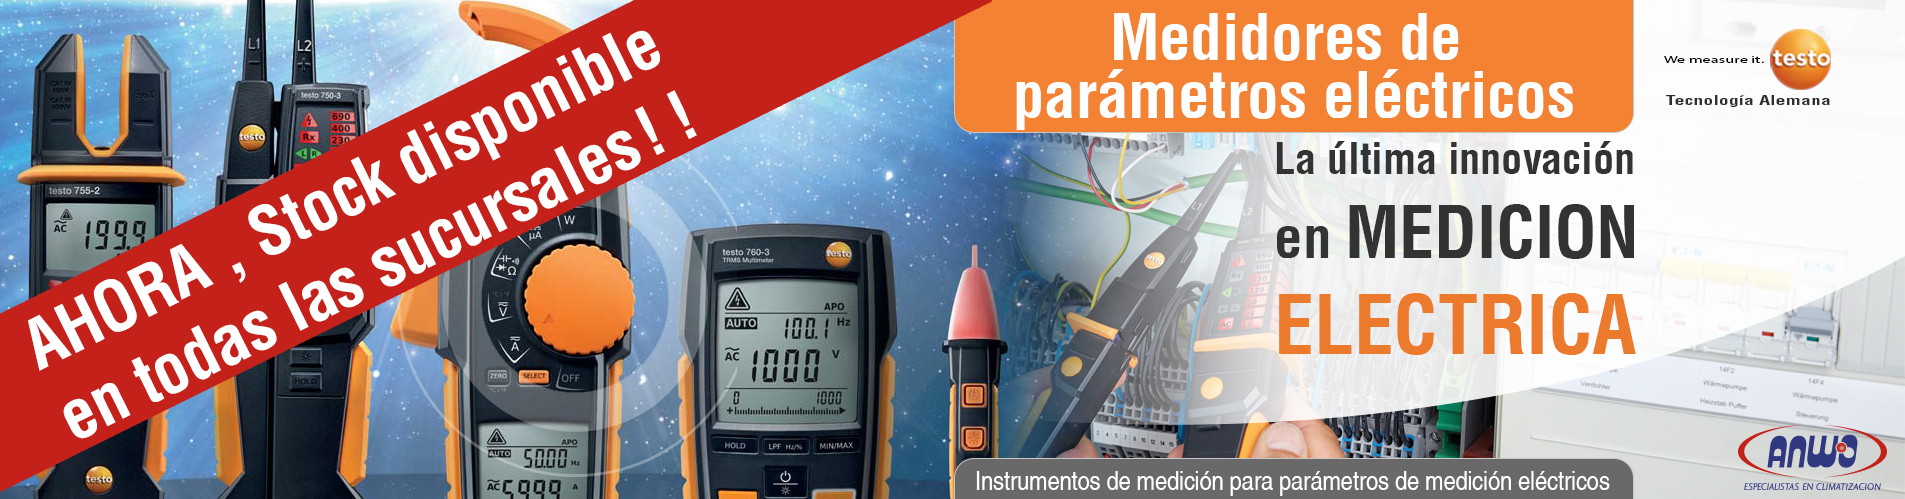 La última innovación en medición eléctrica